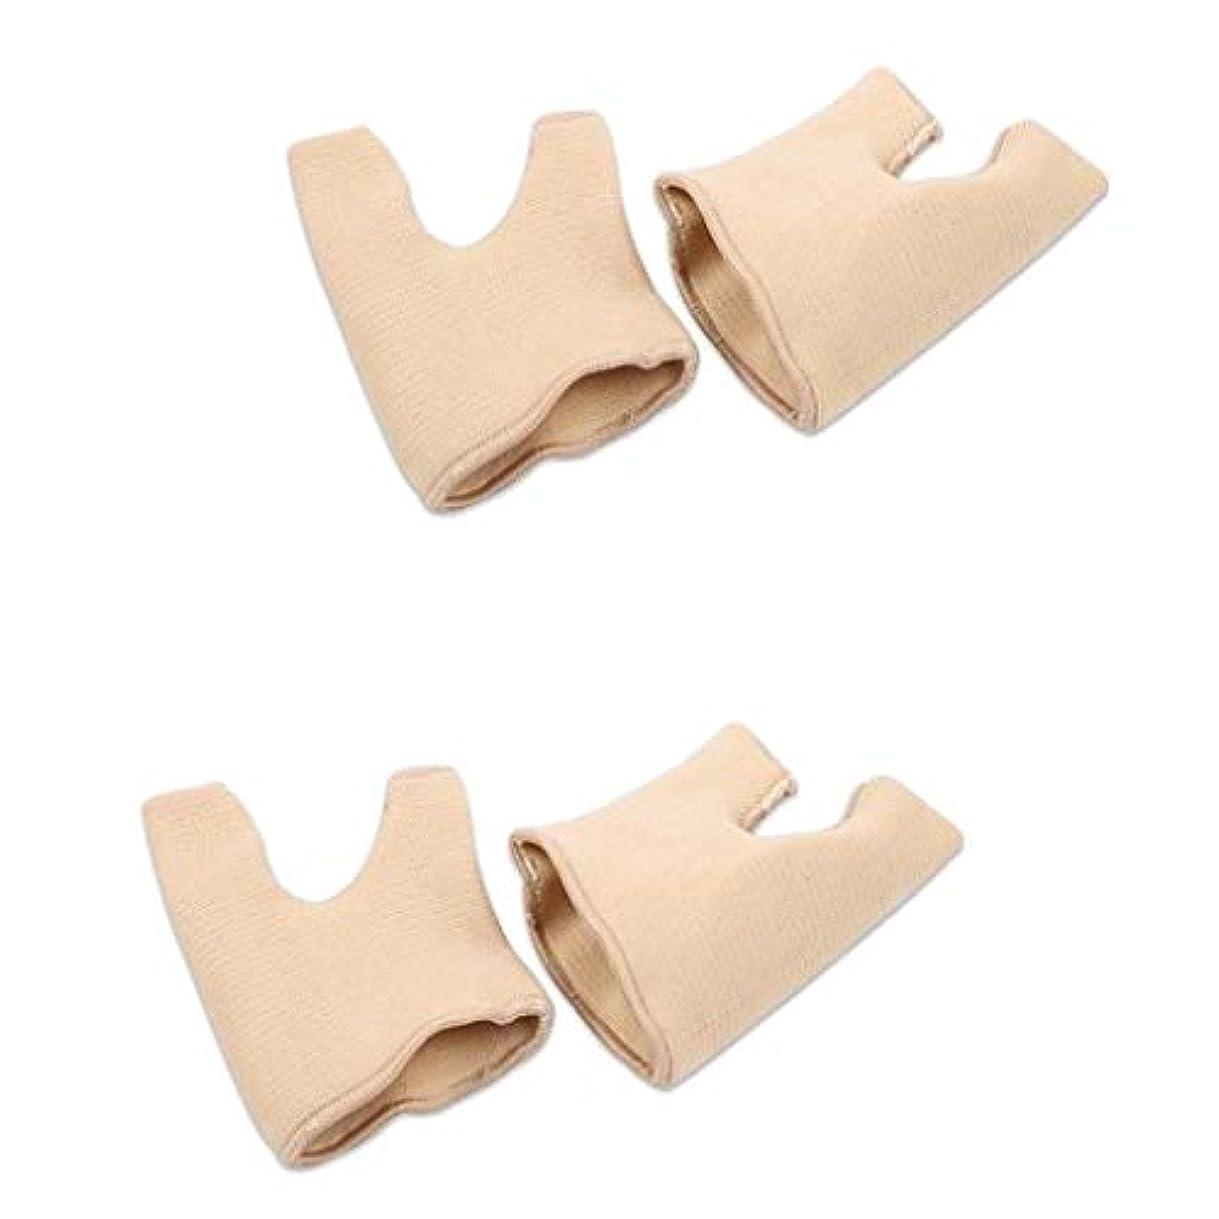 ばか戦うペインティング外反母趾サポーター 母趾 矯正 外反母趾 予防 通気性 フットケア 女性 男性